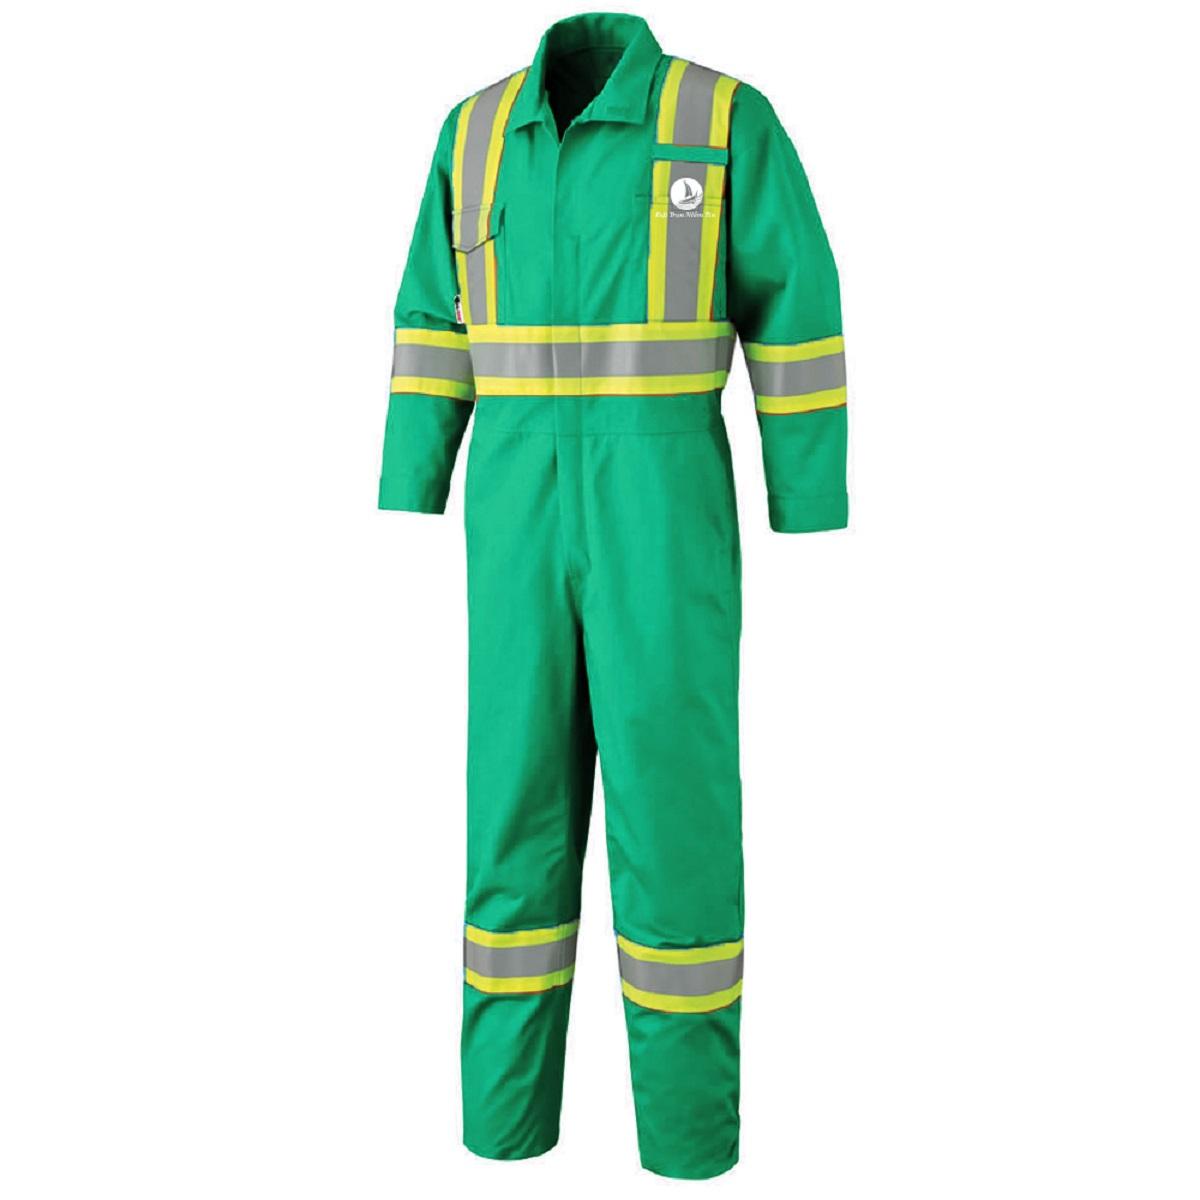 Mẫu đồng phục áo liền quần bảo hộ mã BO-ALQ02 – Xanh Lá